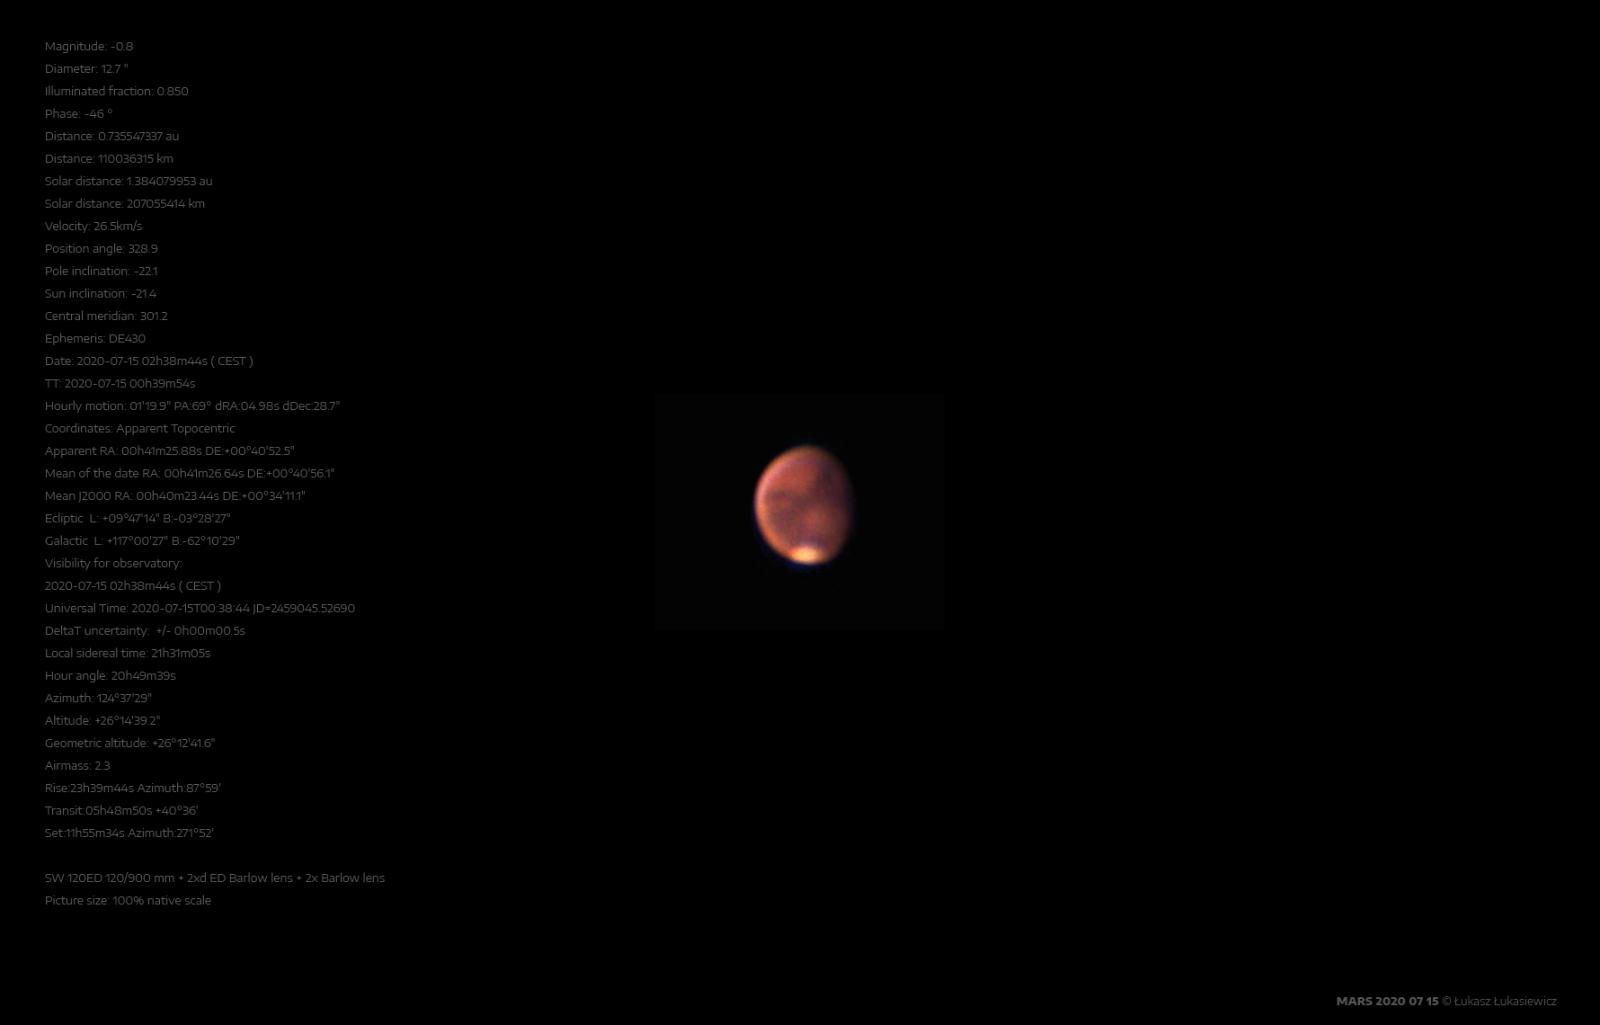 MARS-2020-07-15d1.png